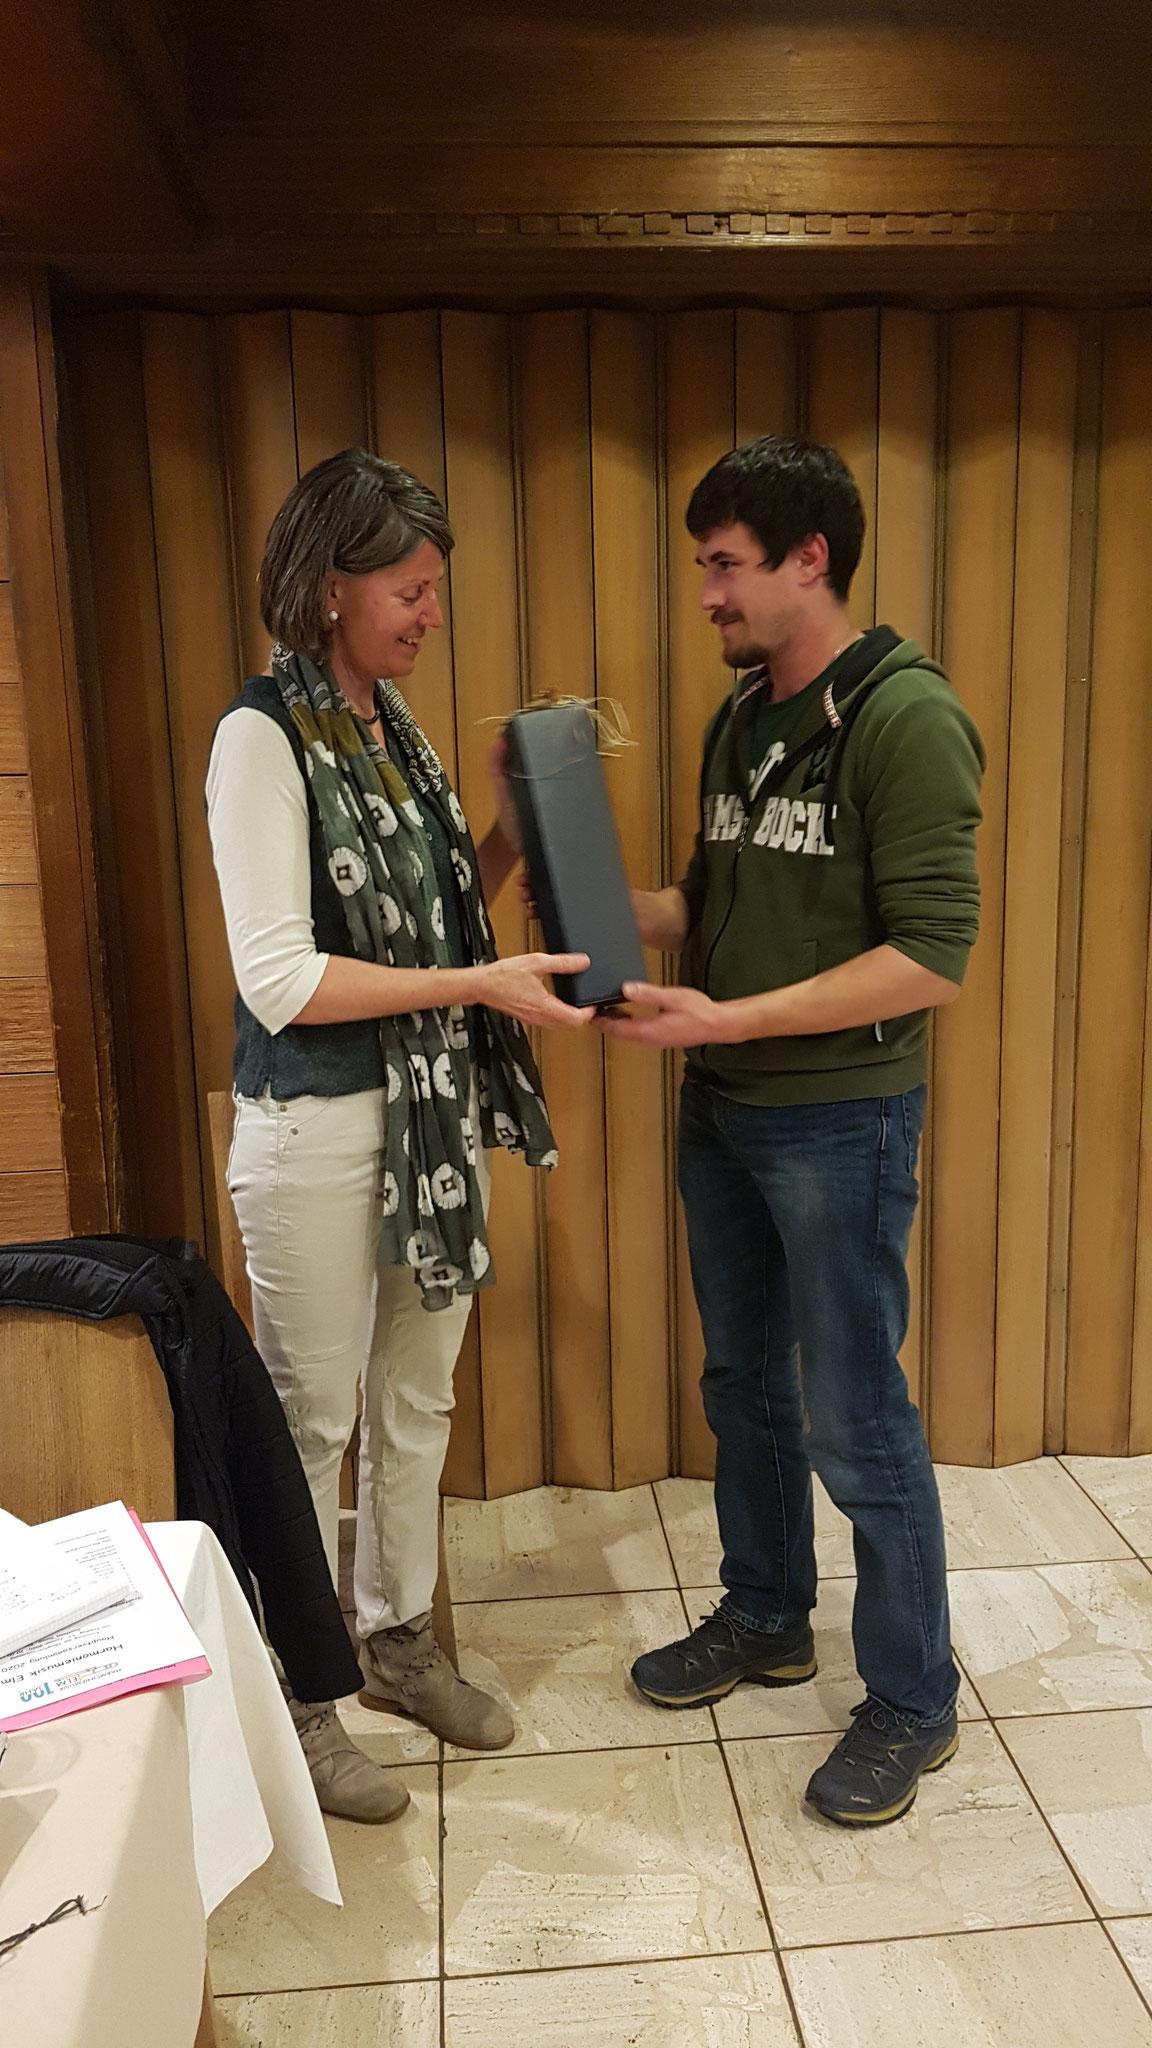 Barbara erhält von unserem Vizepräsidenten Dominik ein Geschenk für ihr grosses Engangement